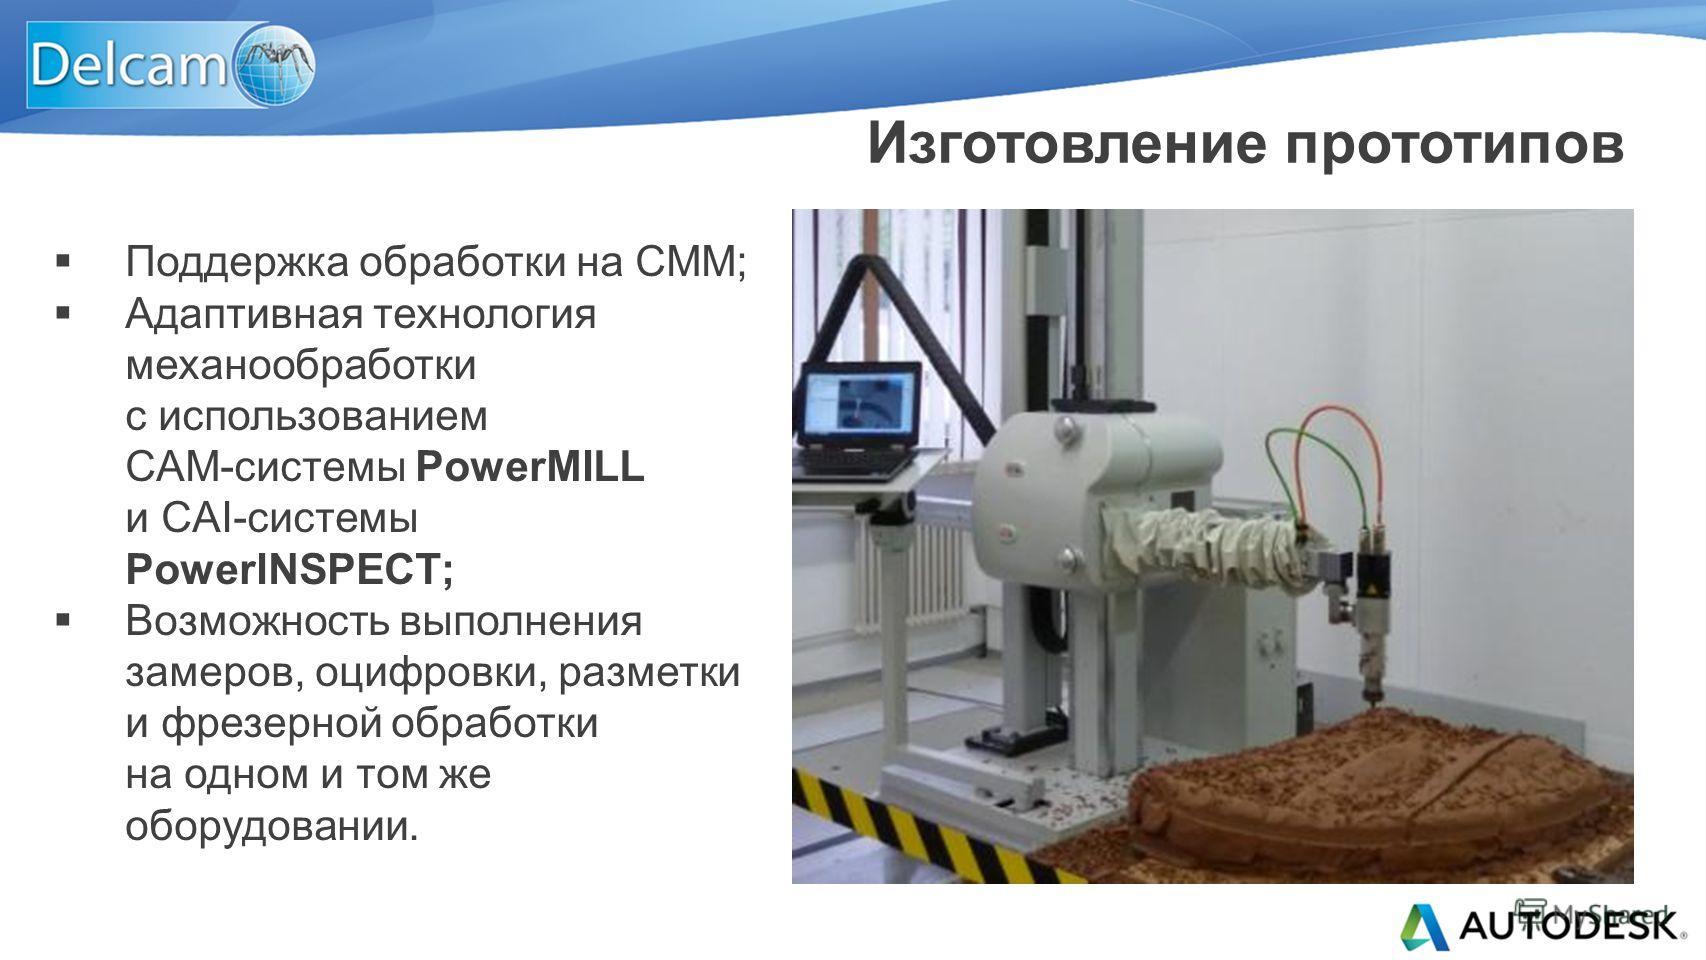 Поддержка обработки на СММ; Адаптивная технология механообработки с использованием CAM-системы PowerMILL и CAI-системы PowerINSPECT; Возможность выполнения замеров, оцифровки, разметки и фрезерной обработки на одном и том же оборудовании. Изготовлени